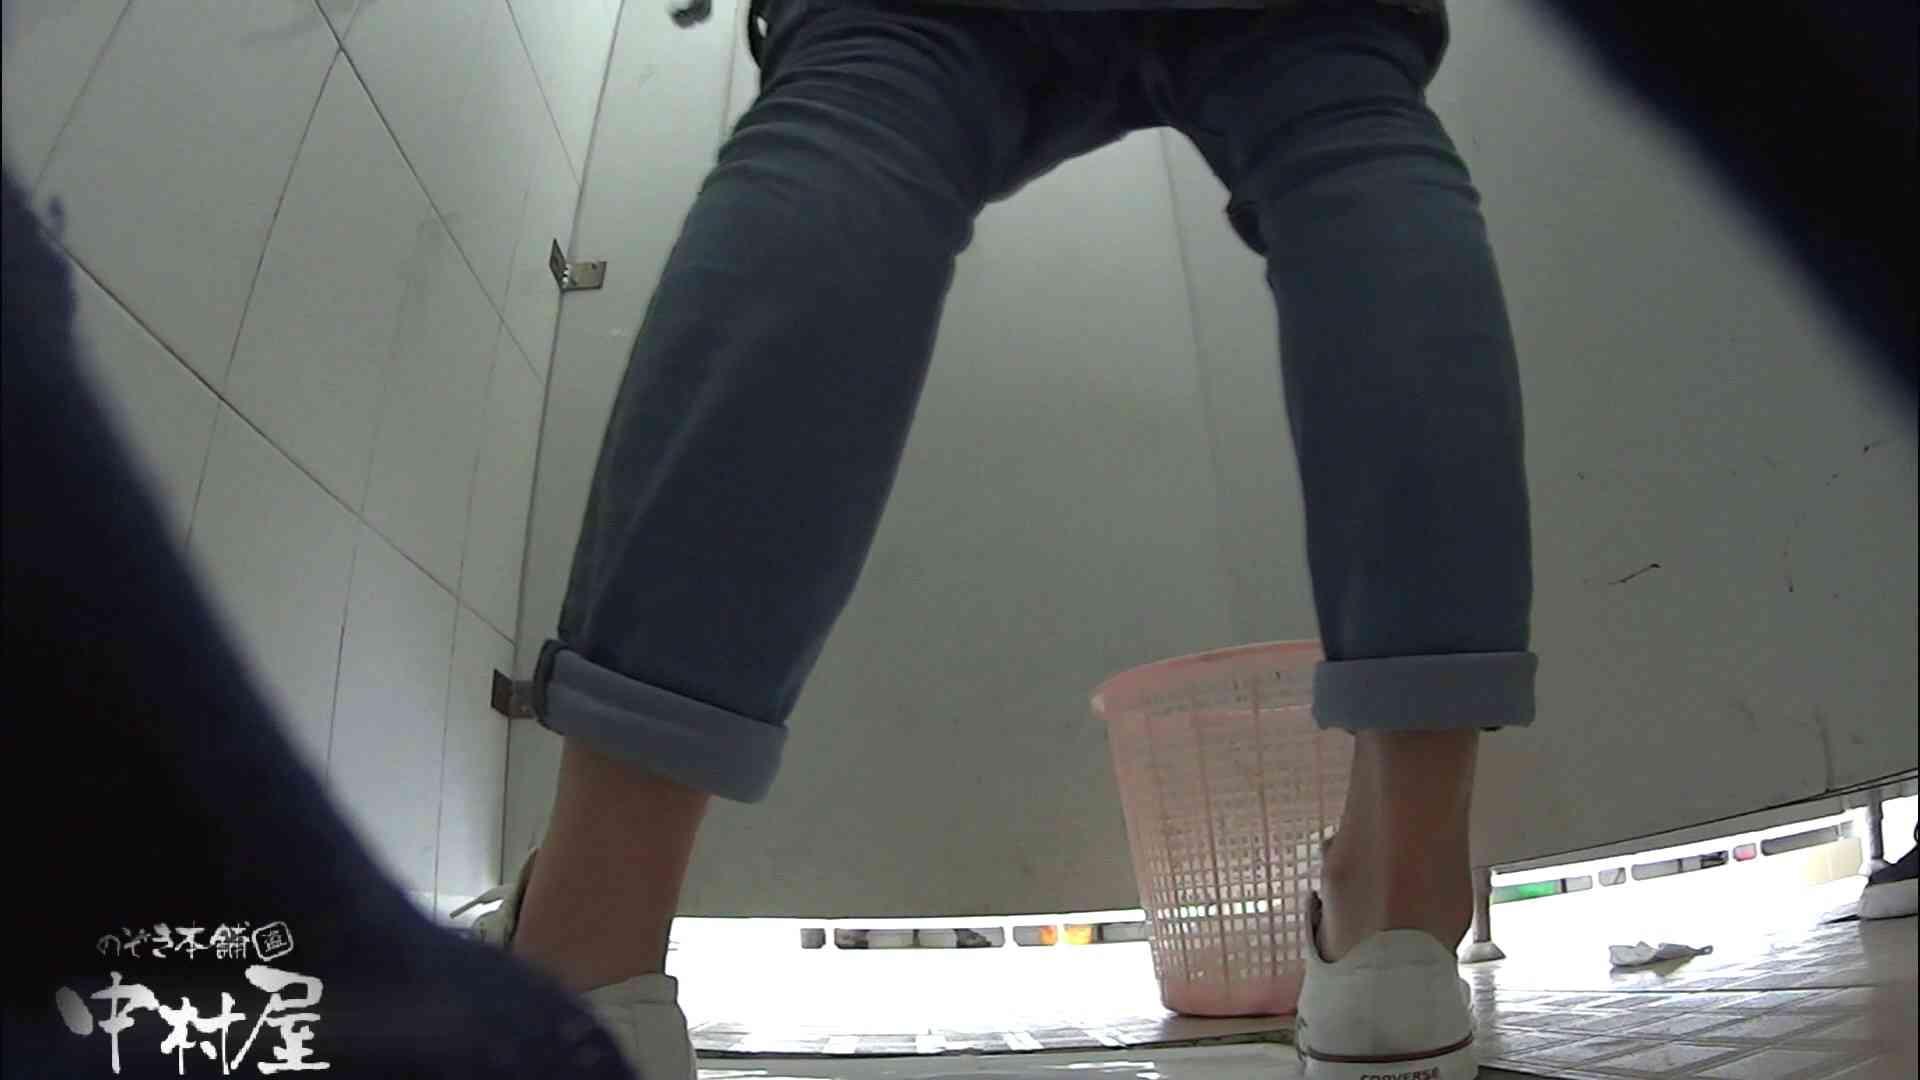 名大学休憩時間の洗面所事情01 女体盗撮 覗き性交動画流出 88連発 62